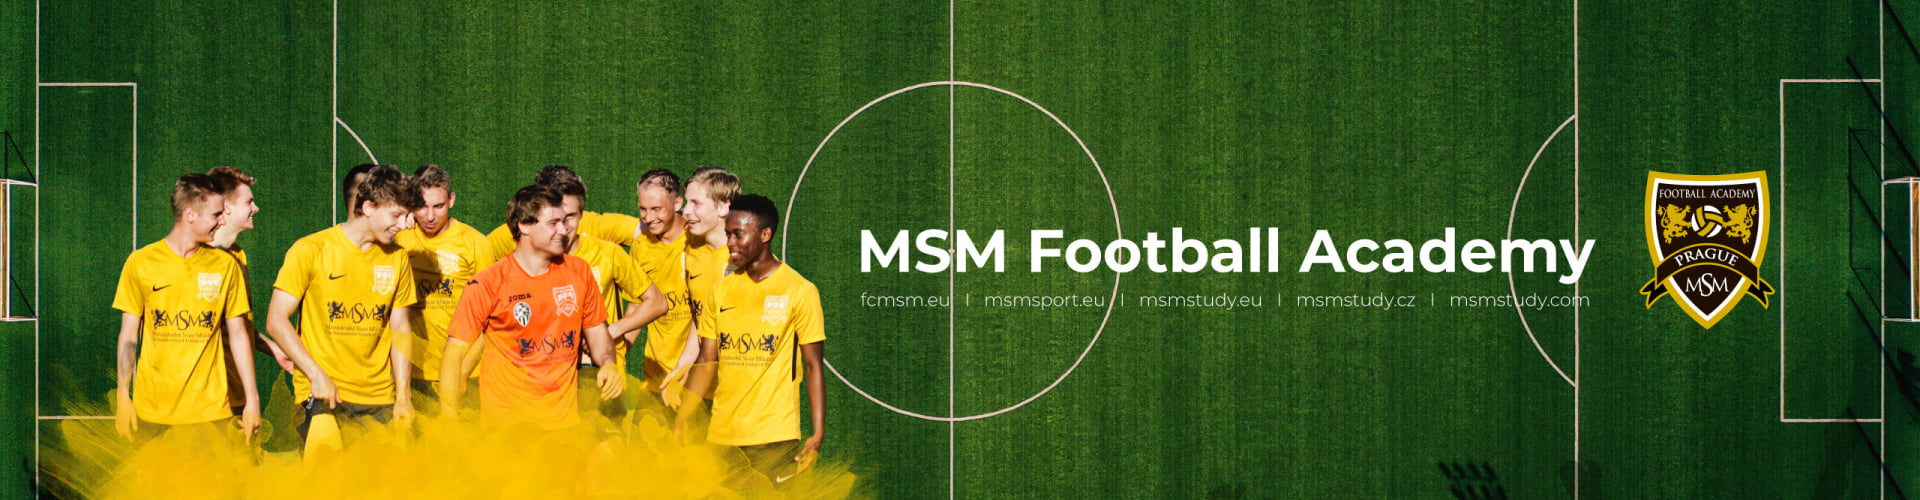 Годовая Футбольная Академия MSM